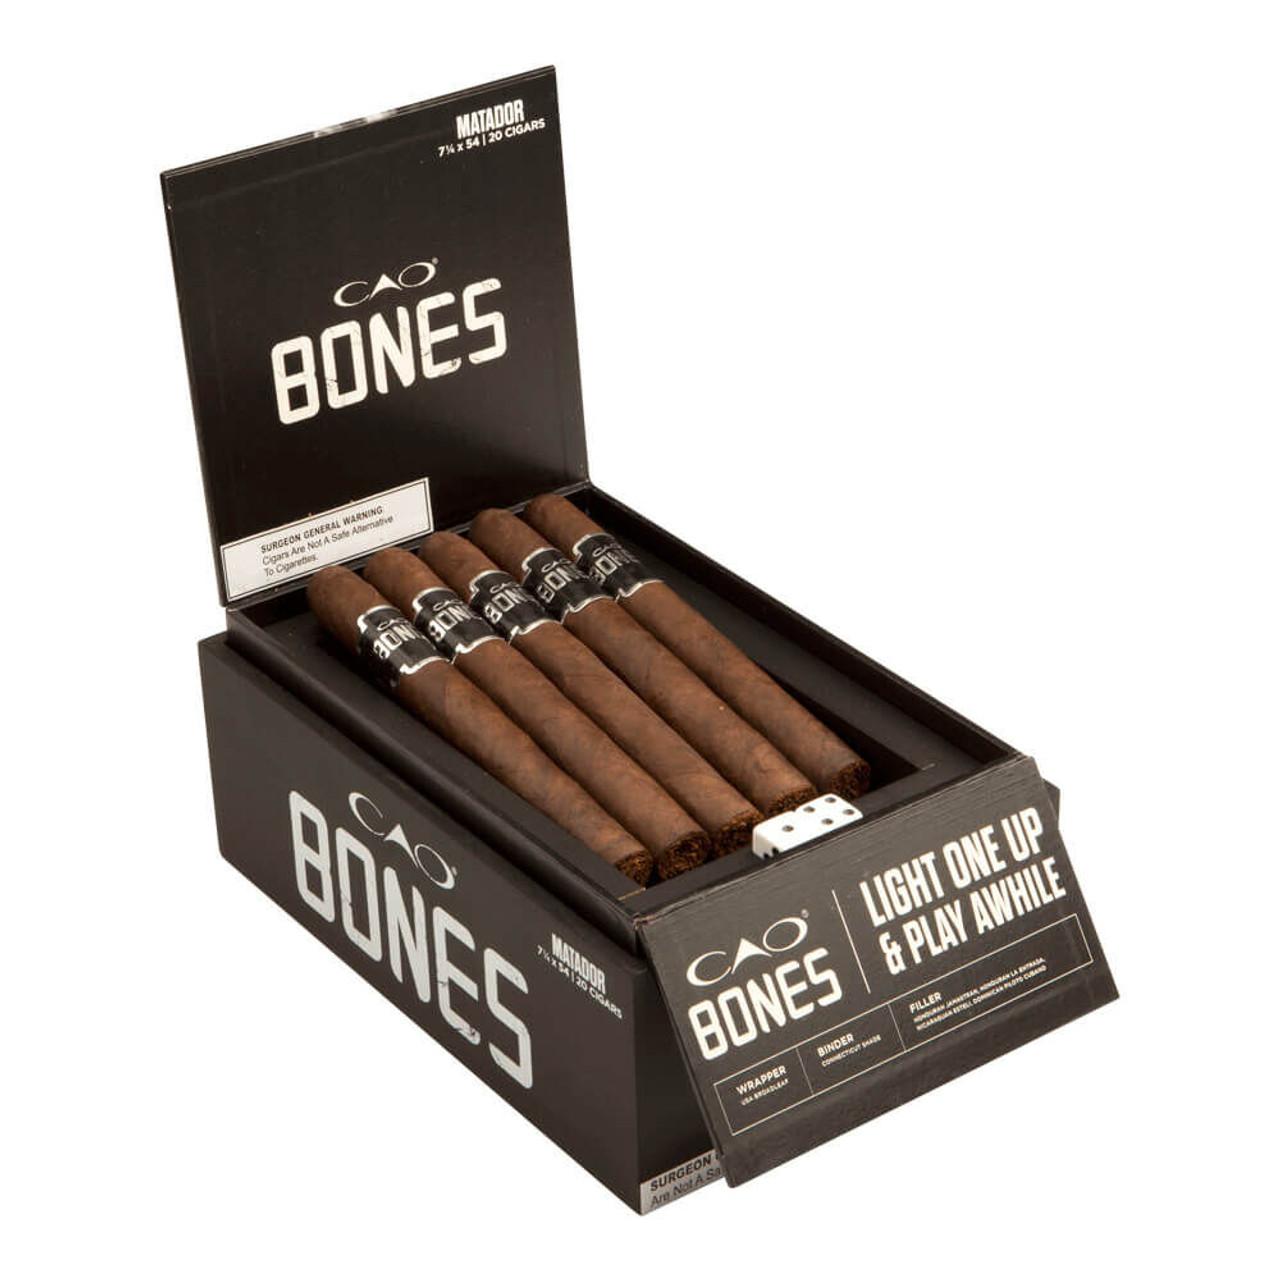 CAO Bones Matador Churchill Cigars - 7.25 x 54 (Box of 20)